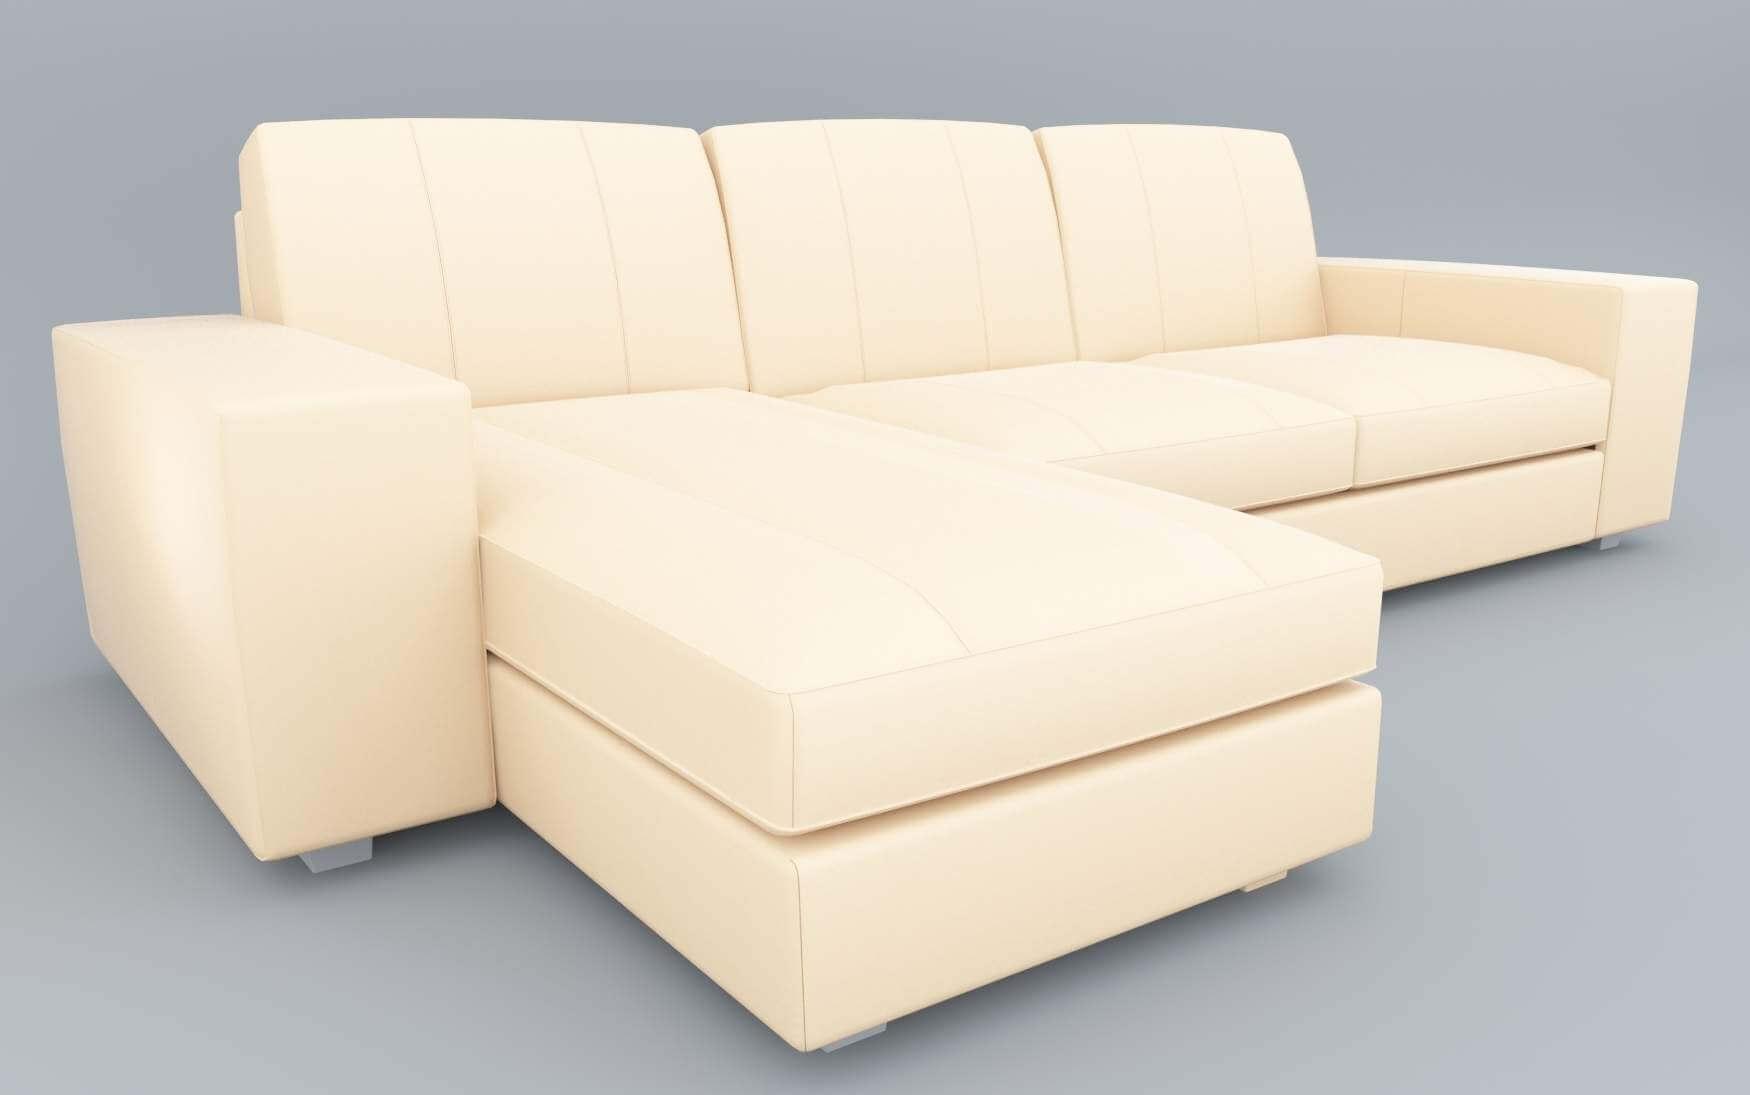 Ikea Kivik Leather Sofa 3D Model